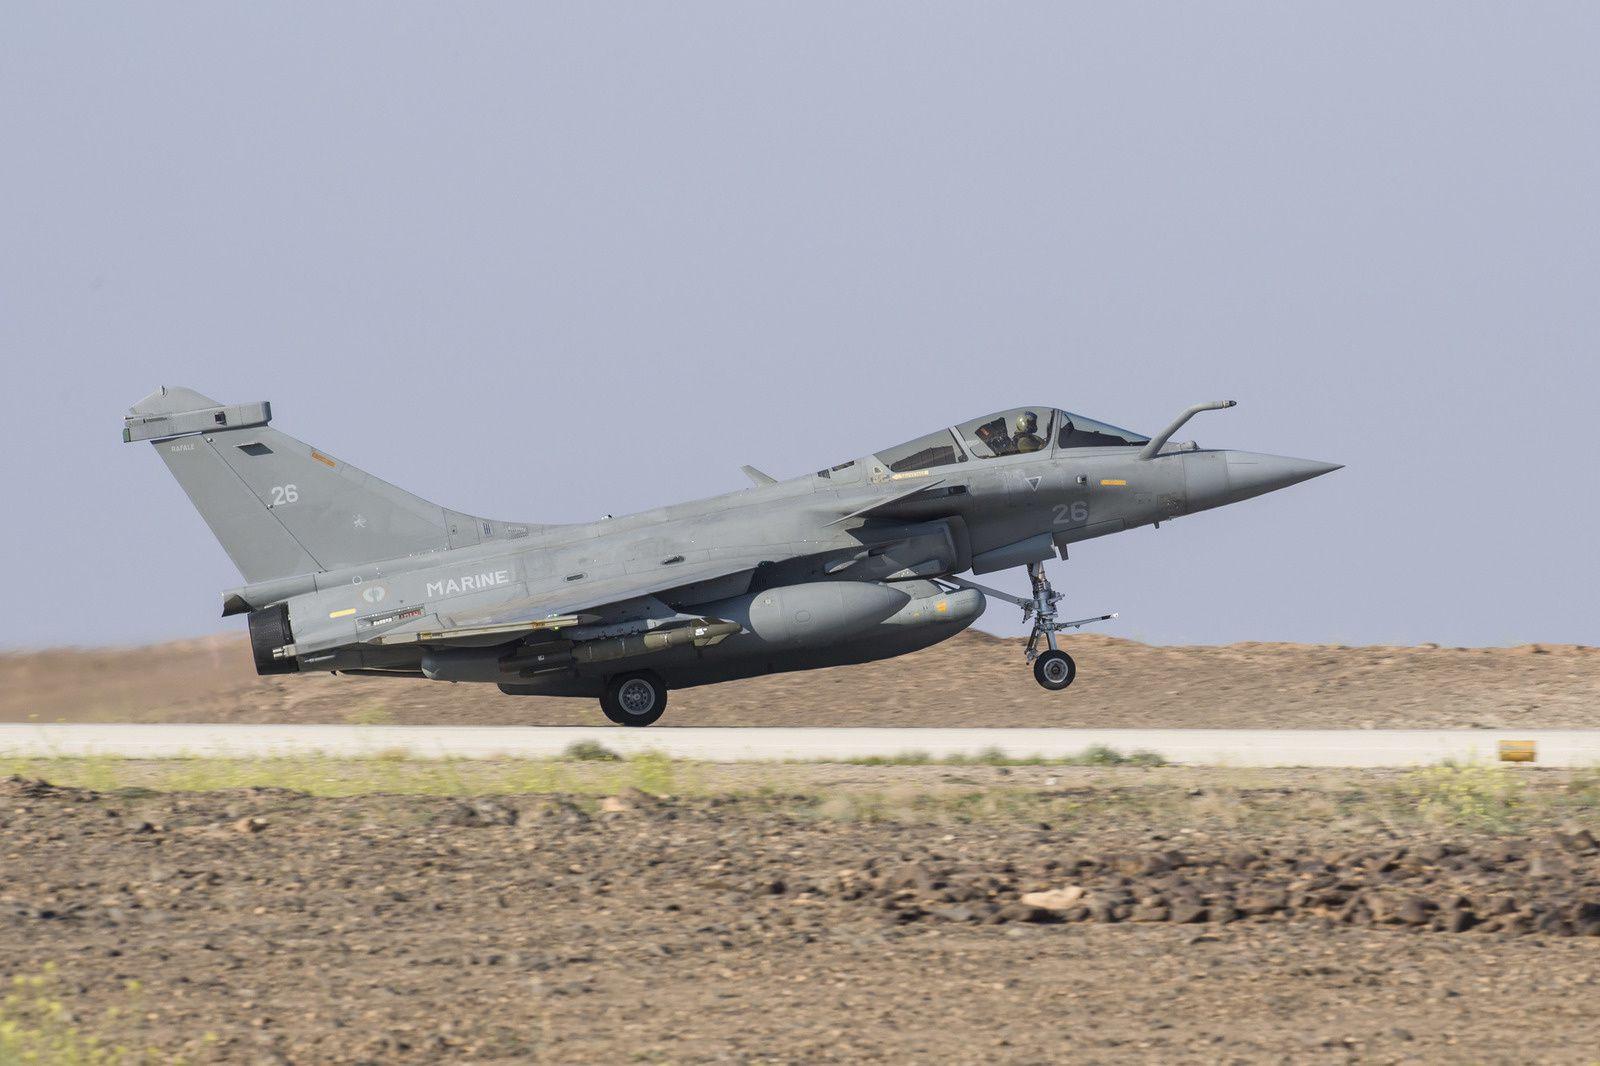 © EMA - Atterrissage d'un Rafale M sur la base aérienne projetée en Jordanie.